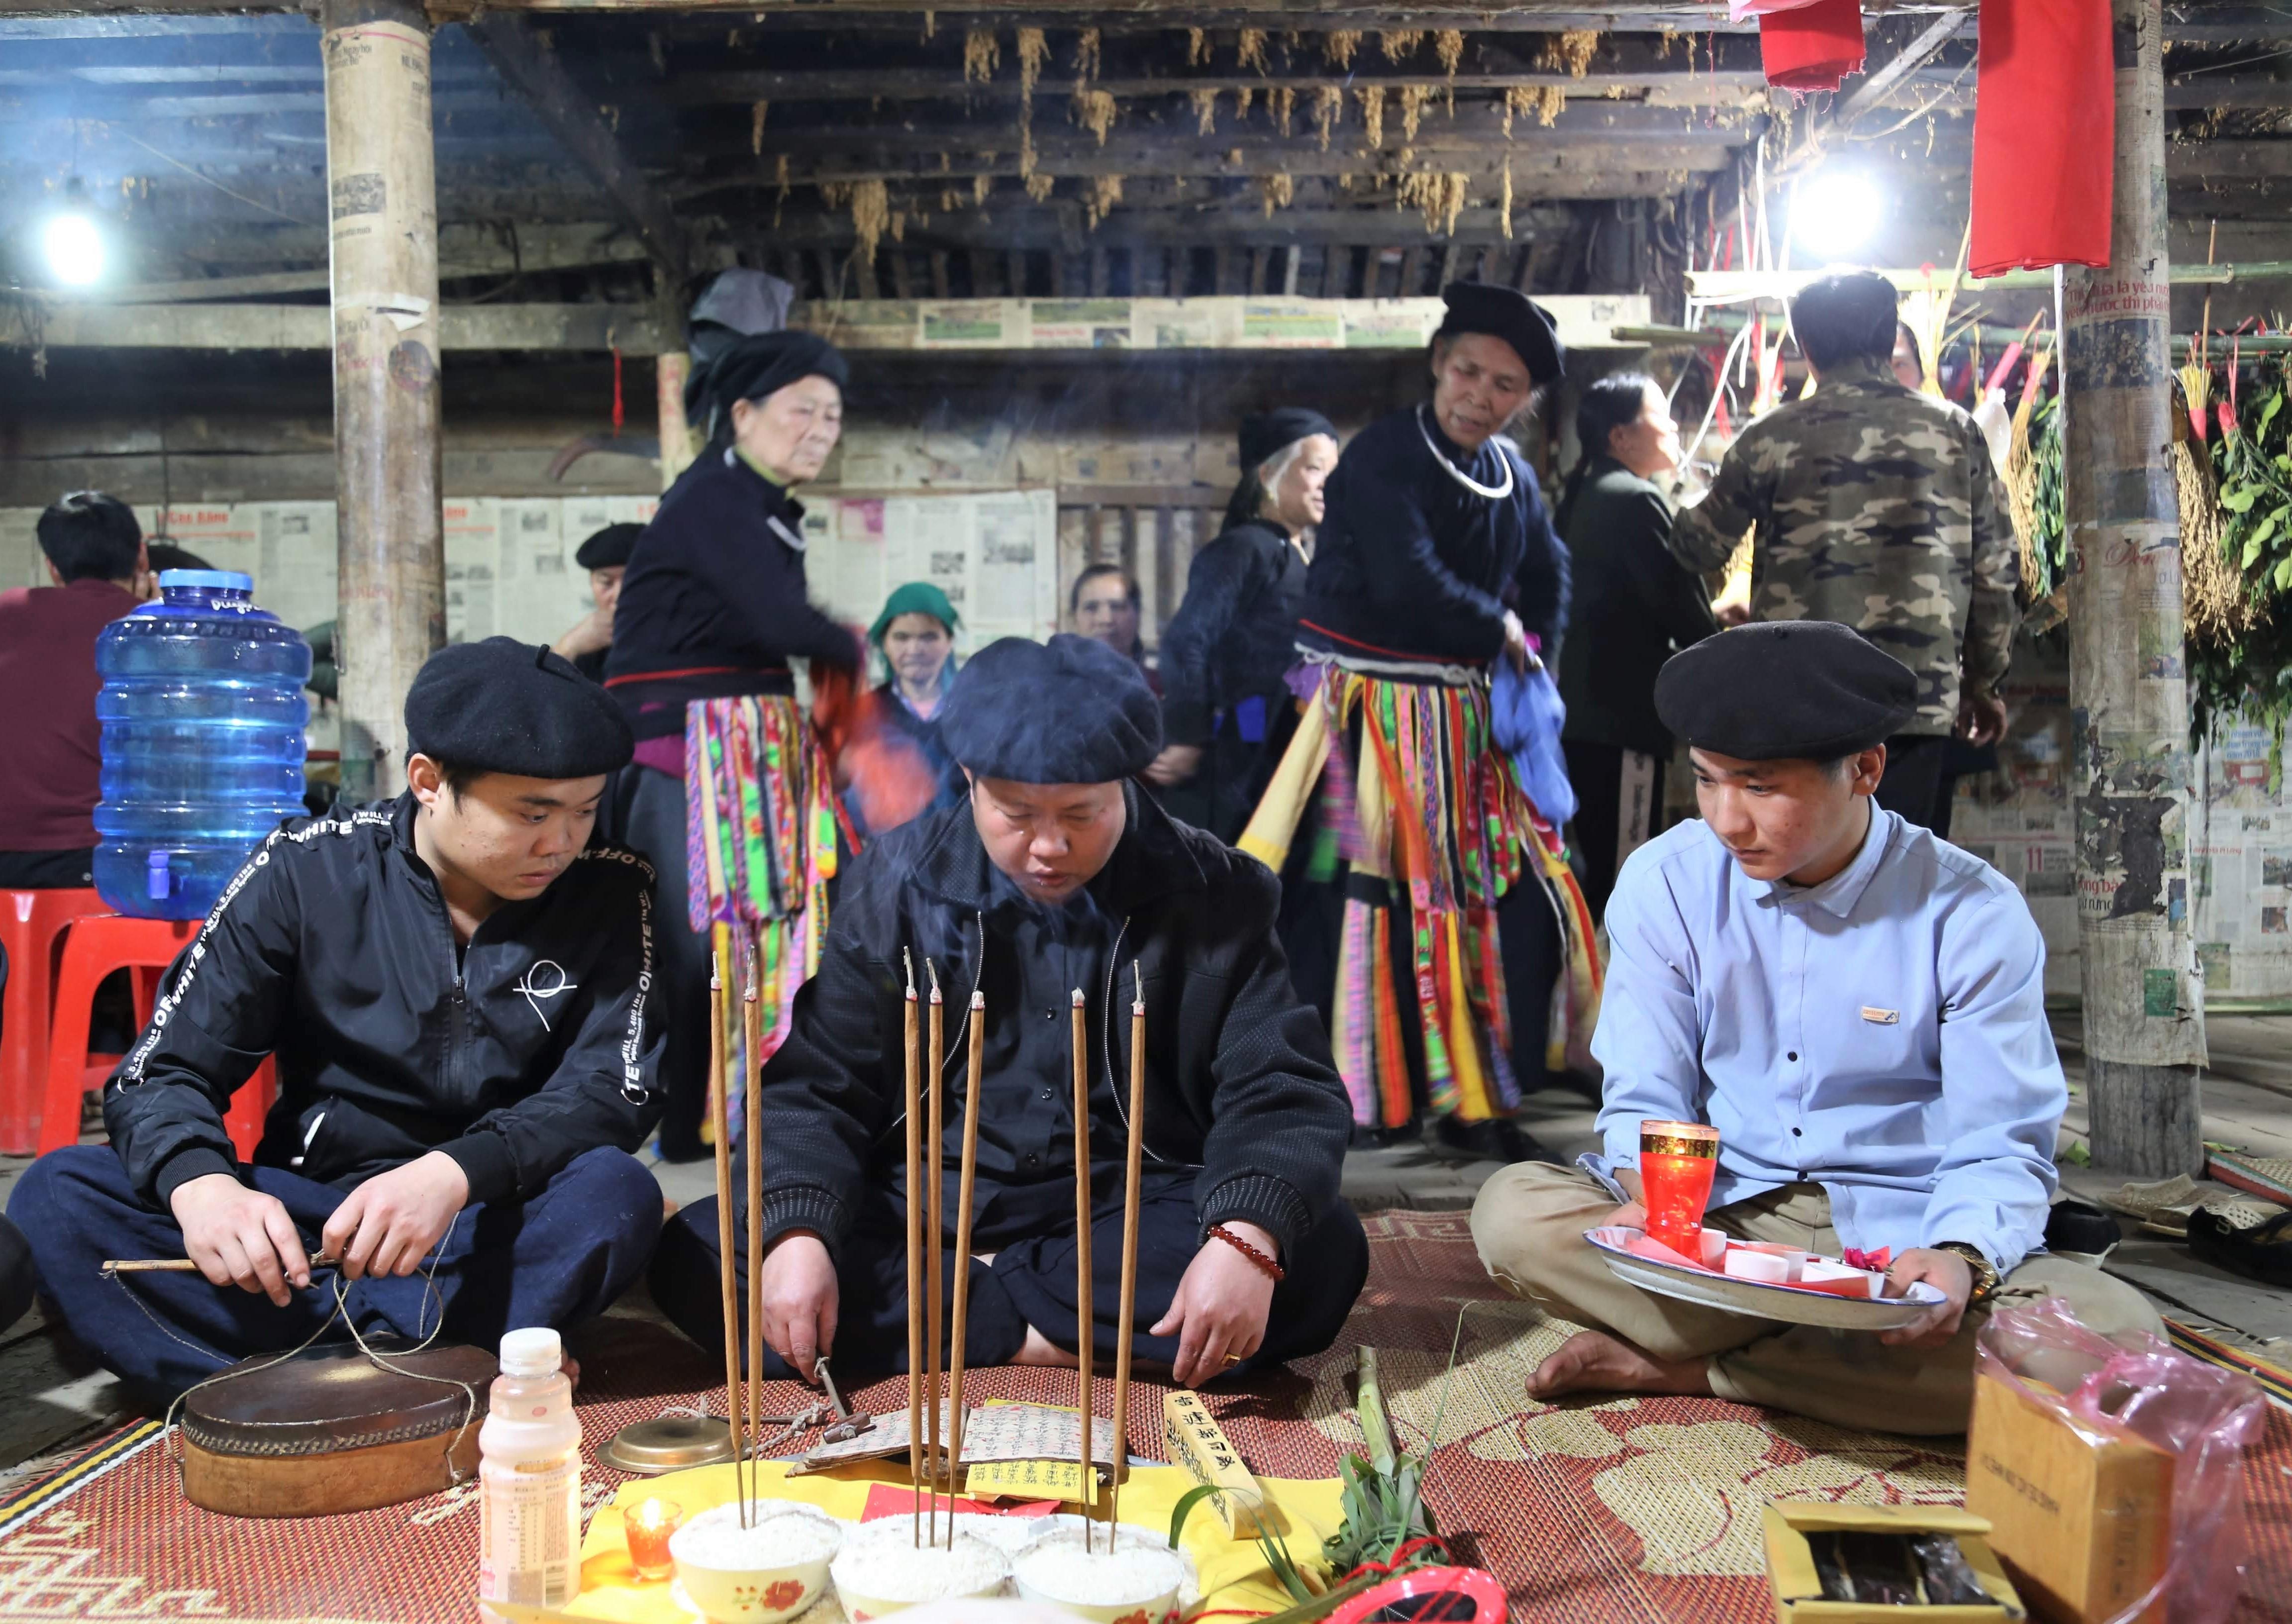 Thầy tào trẻ tuổi Lãnh Sinh Trưởng (ngoài cùng bên phải) đang được thực hiện nghi lễ cấp sắc.